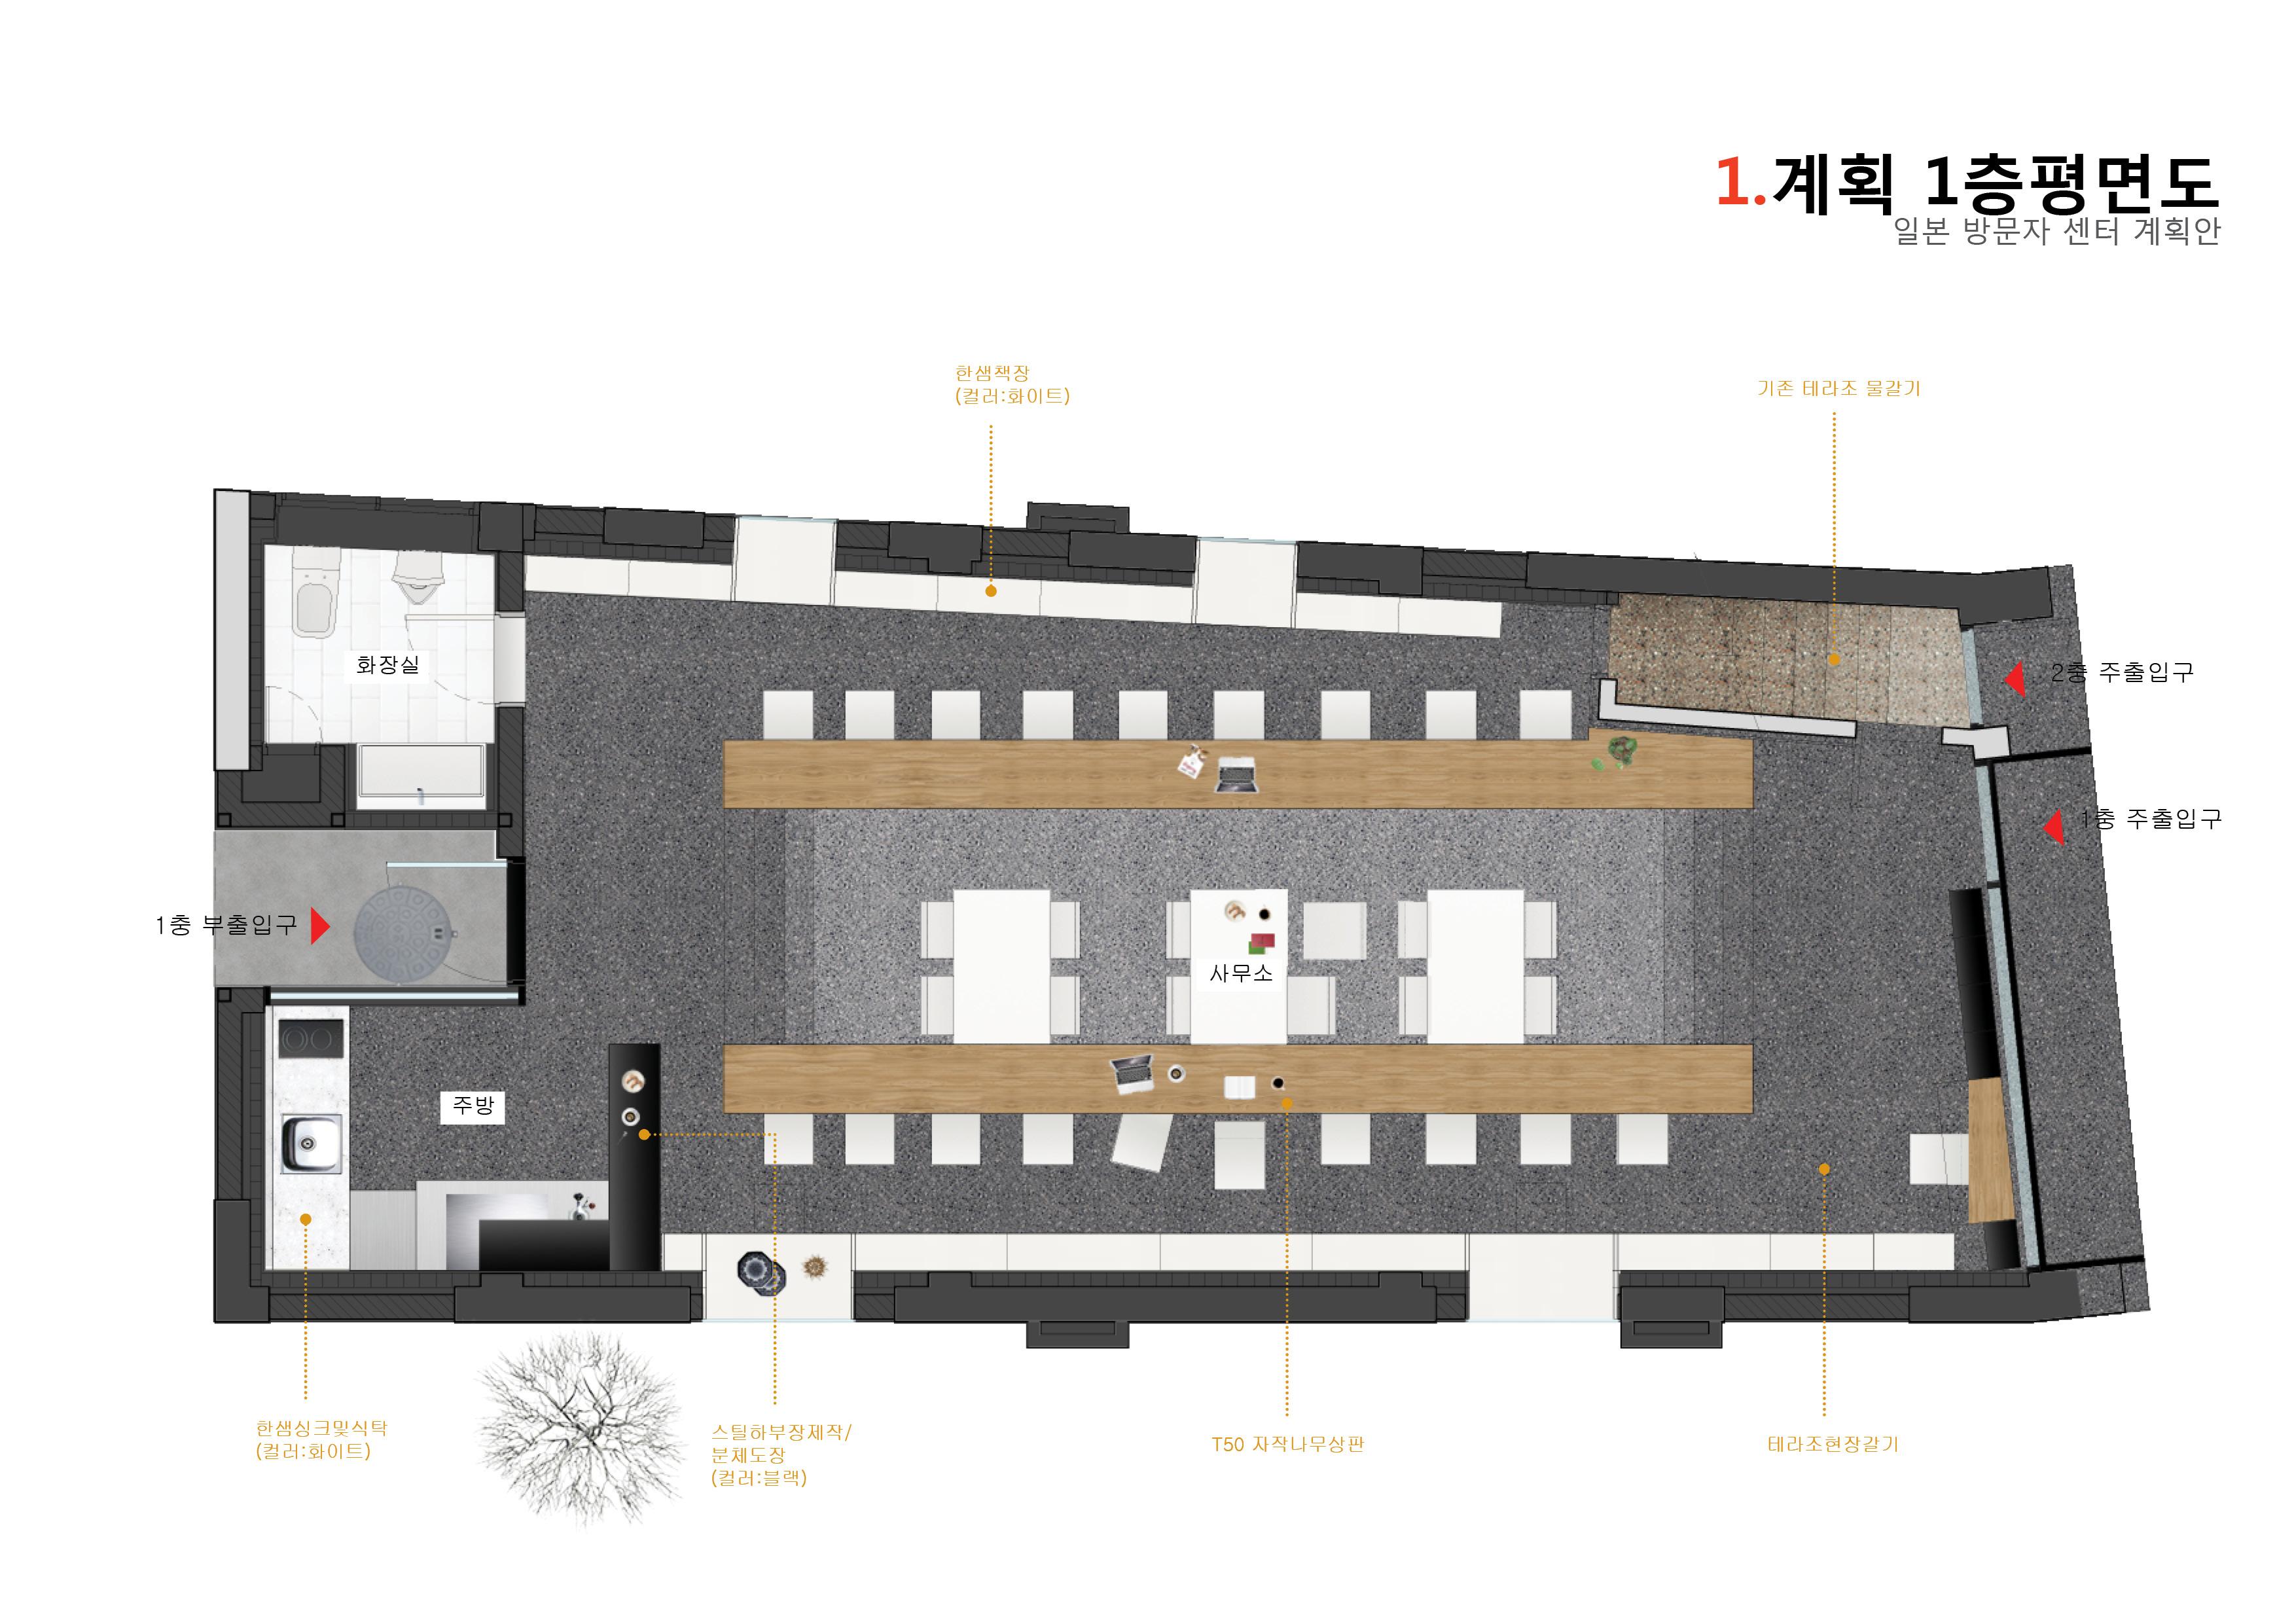 일본방문자센터 (2)